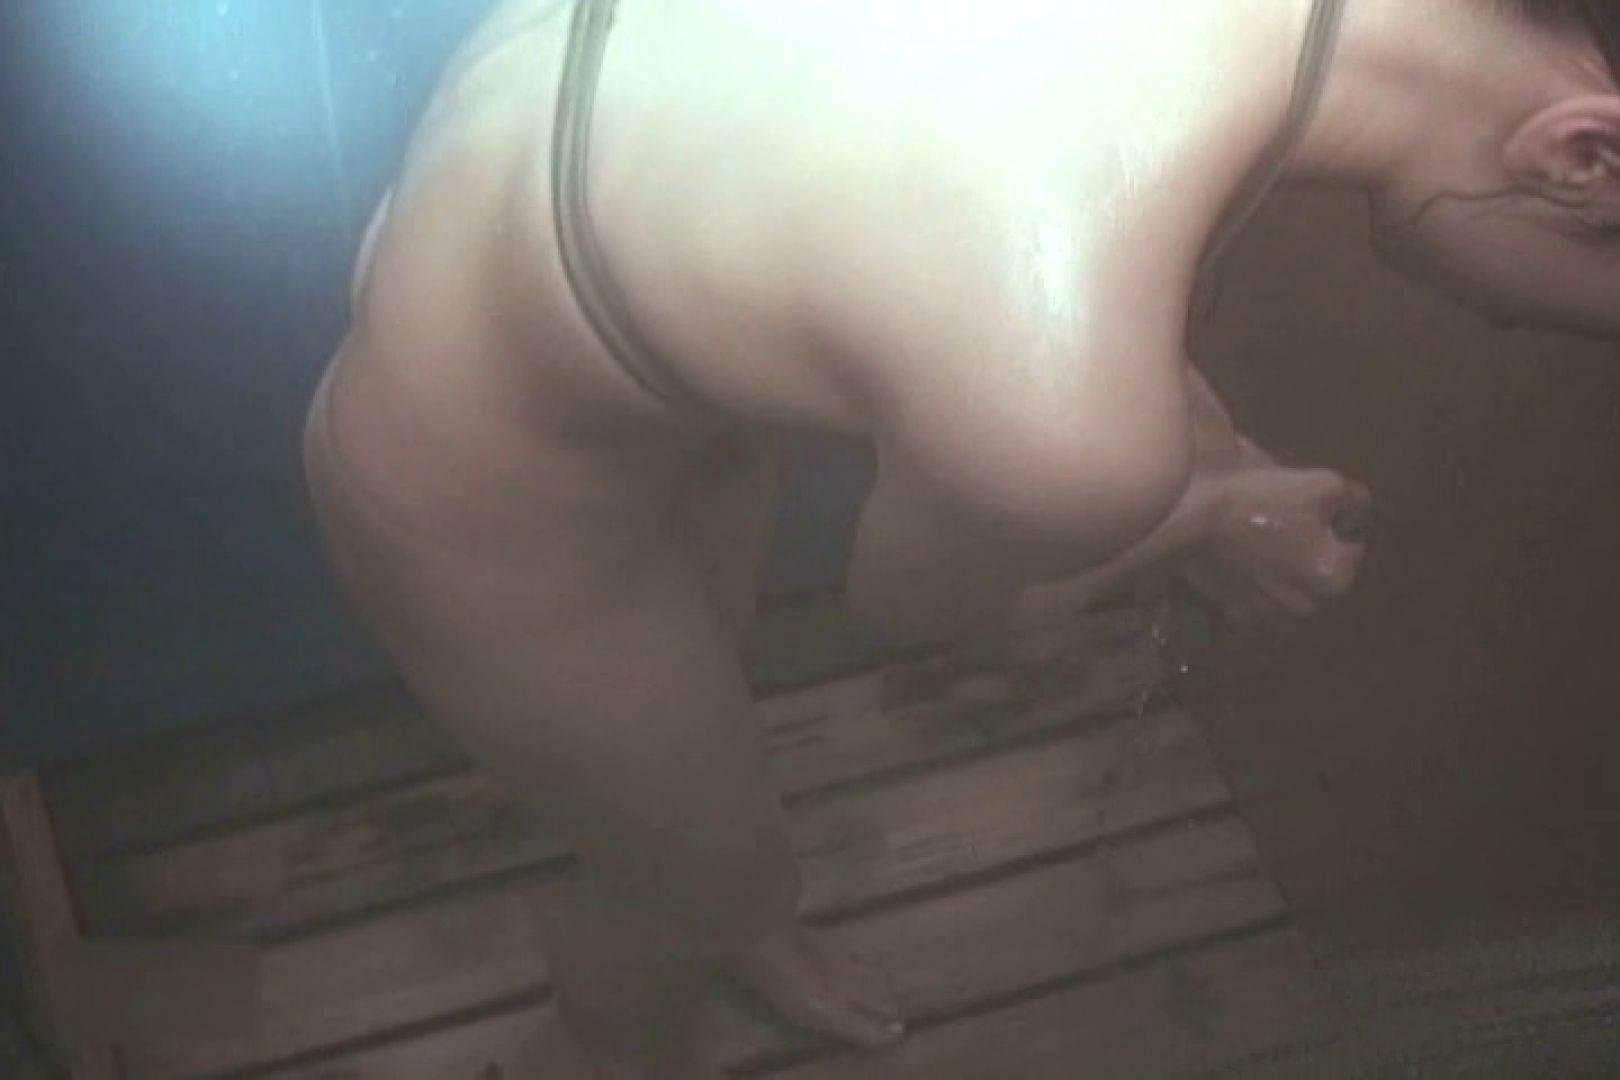 夏海シャワー室!ベトベトお肌をサラサラに!VOL.13 水着 | 美女エロ画像  85PICs 46